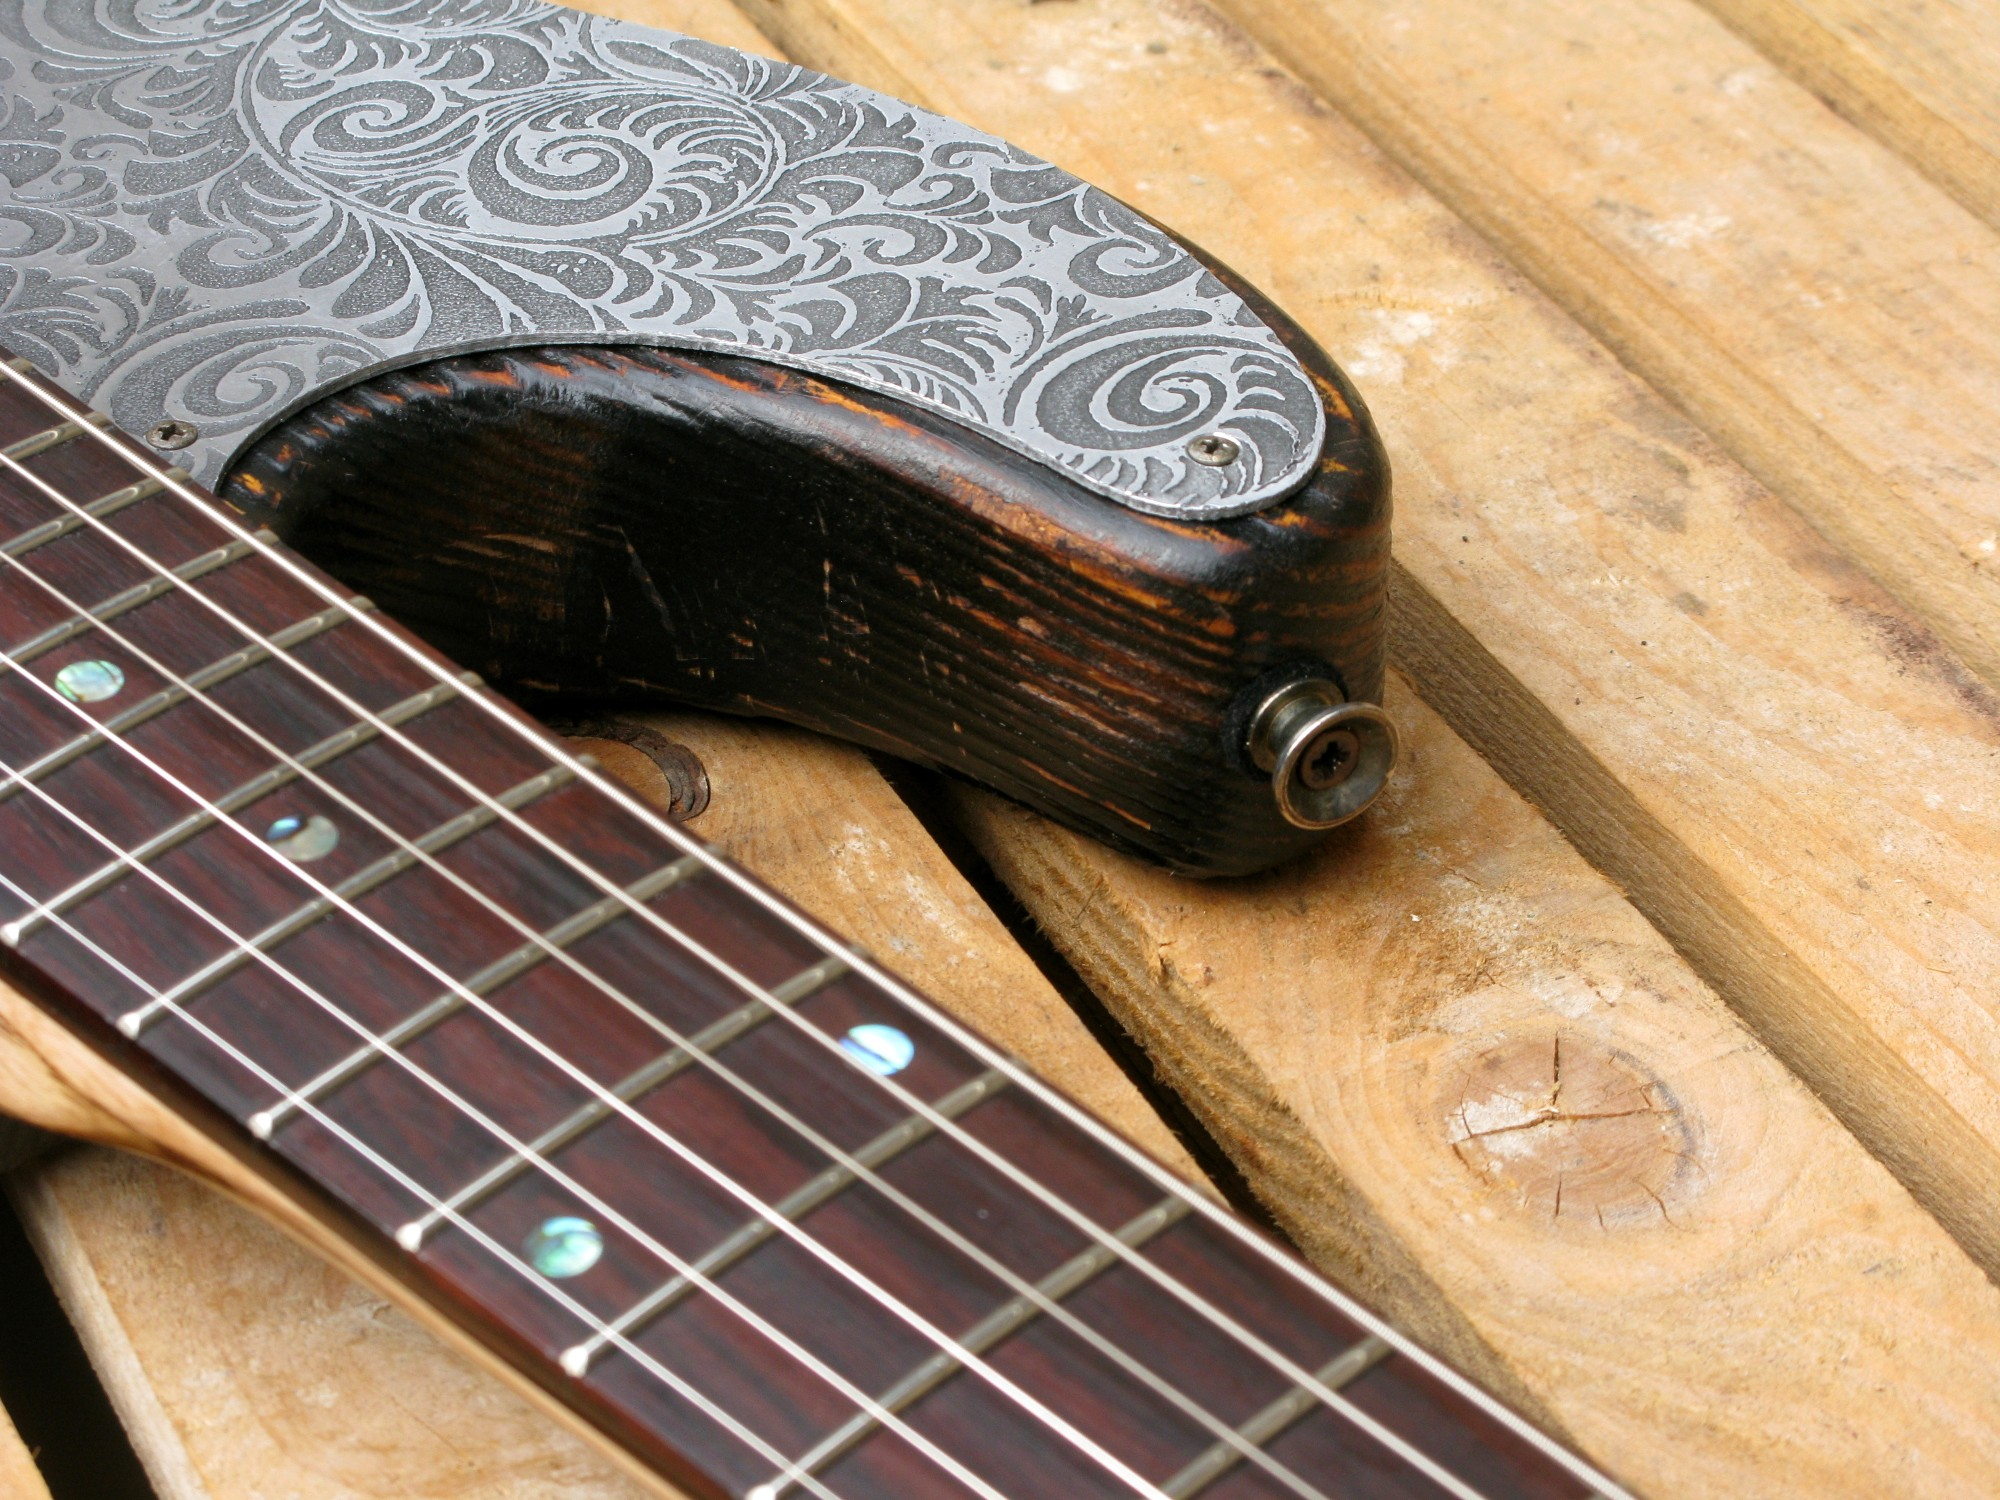 Chitarra modello Stratocaster, body in pino, manico in frassino, reverse: spalla superiore